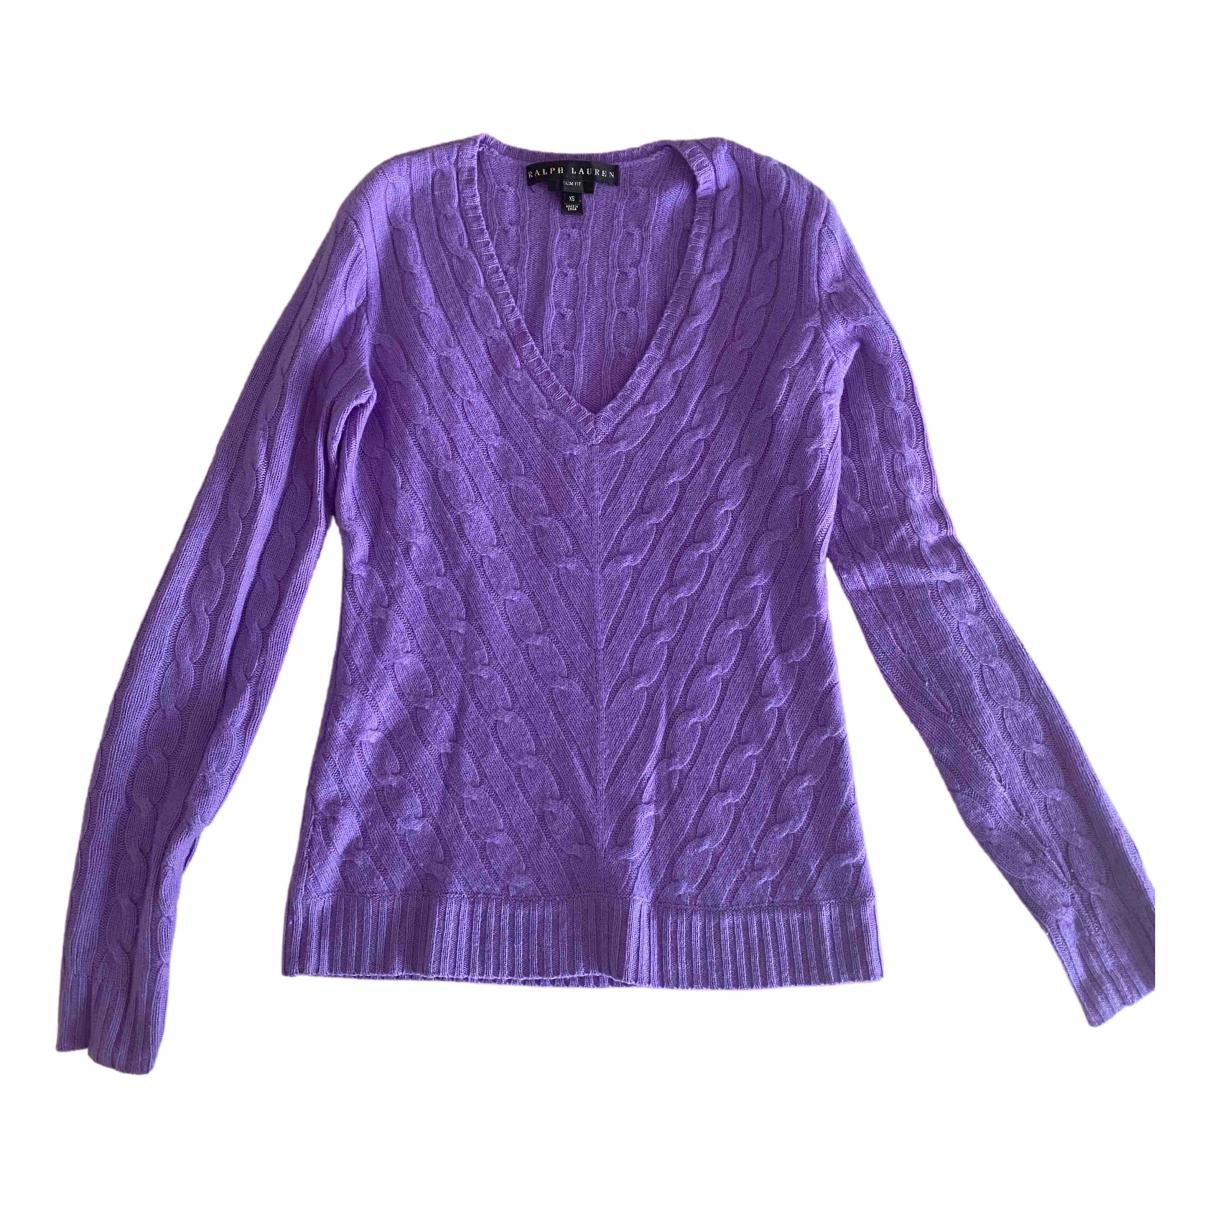 Ralph Lauren \N Purple Cashmere Knitwear for Women XS International